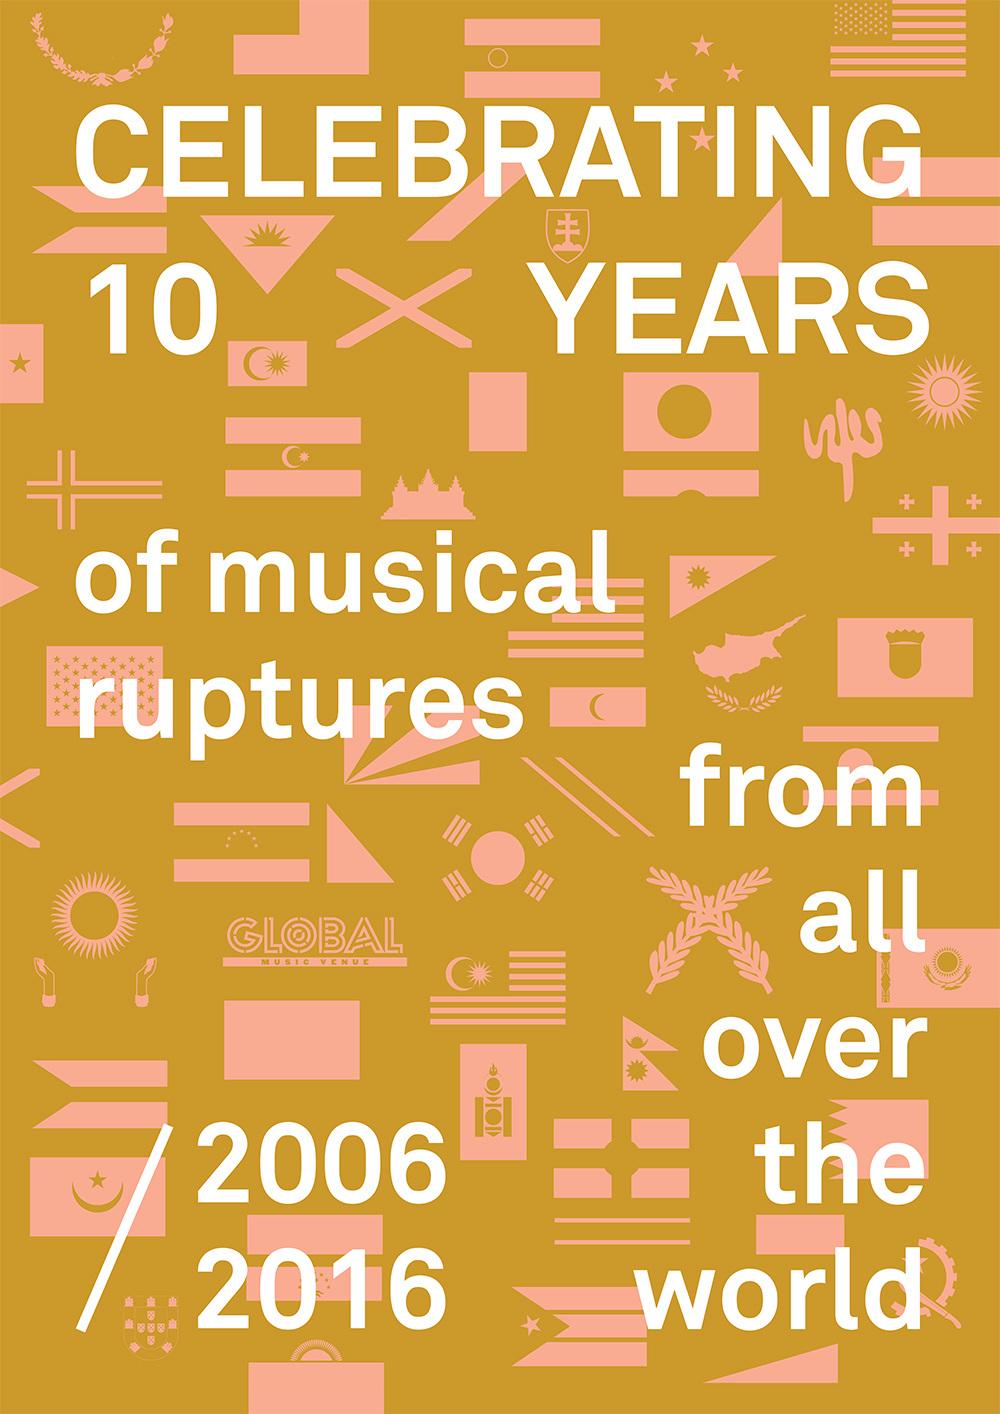 Global--plakat3-lille_1000.jpg